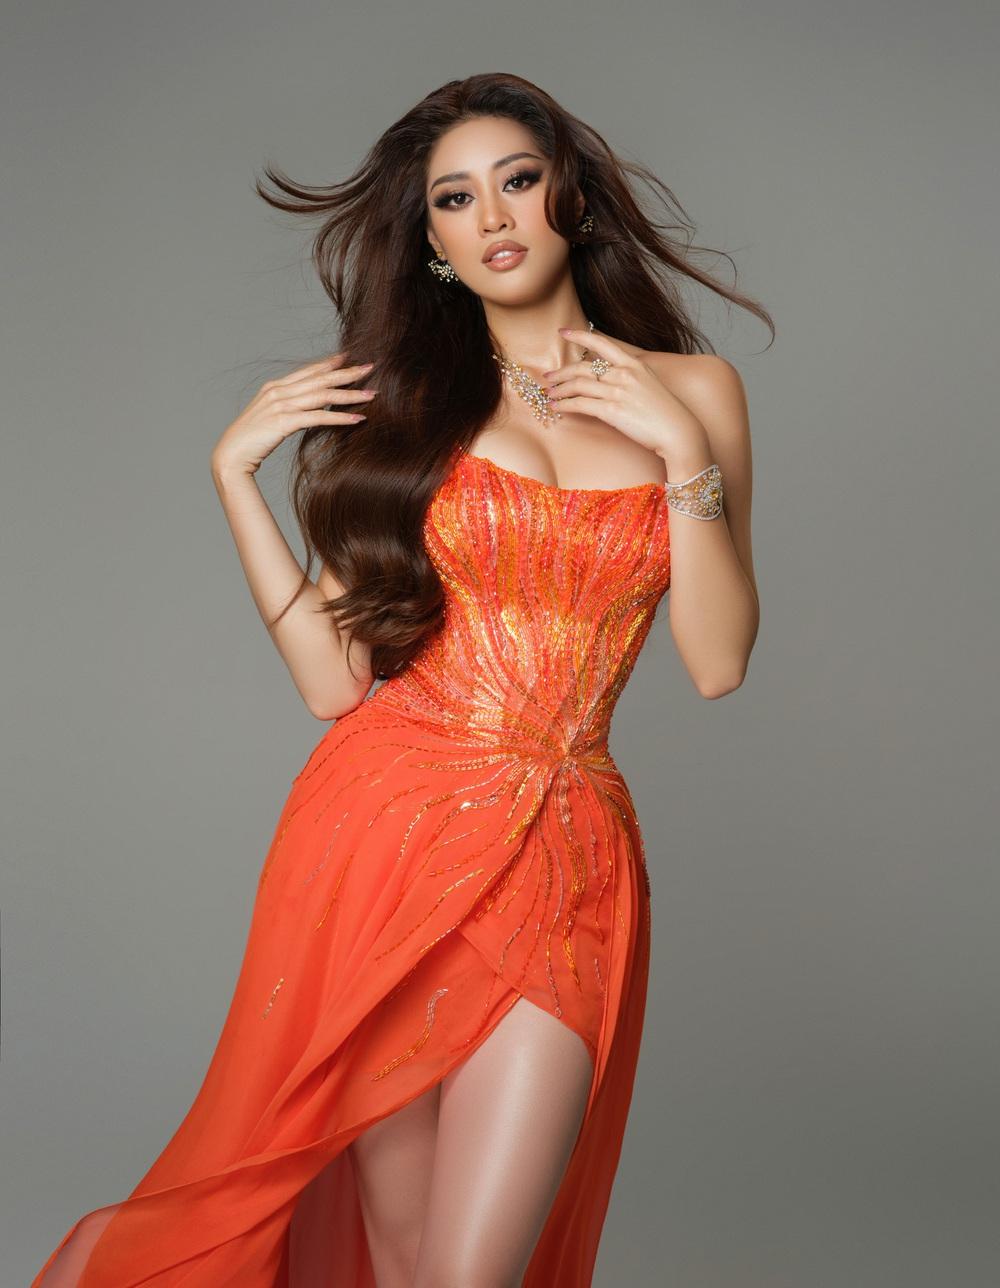 Cận cảnh bộ đồ nóng bỏng, gây ấn tượng mạnh của Khánh Vân trên sân khấu bán kết Hoa hậu Hoàn vũ Thế giới 2020 - Ảnh 7.